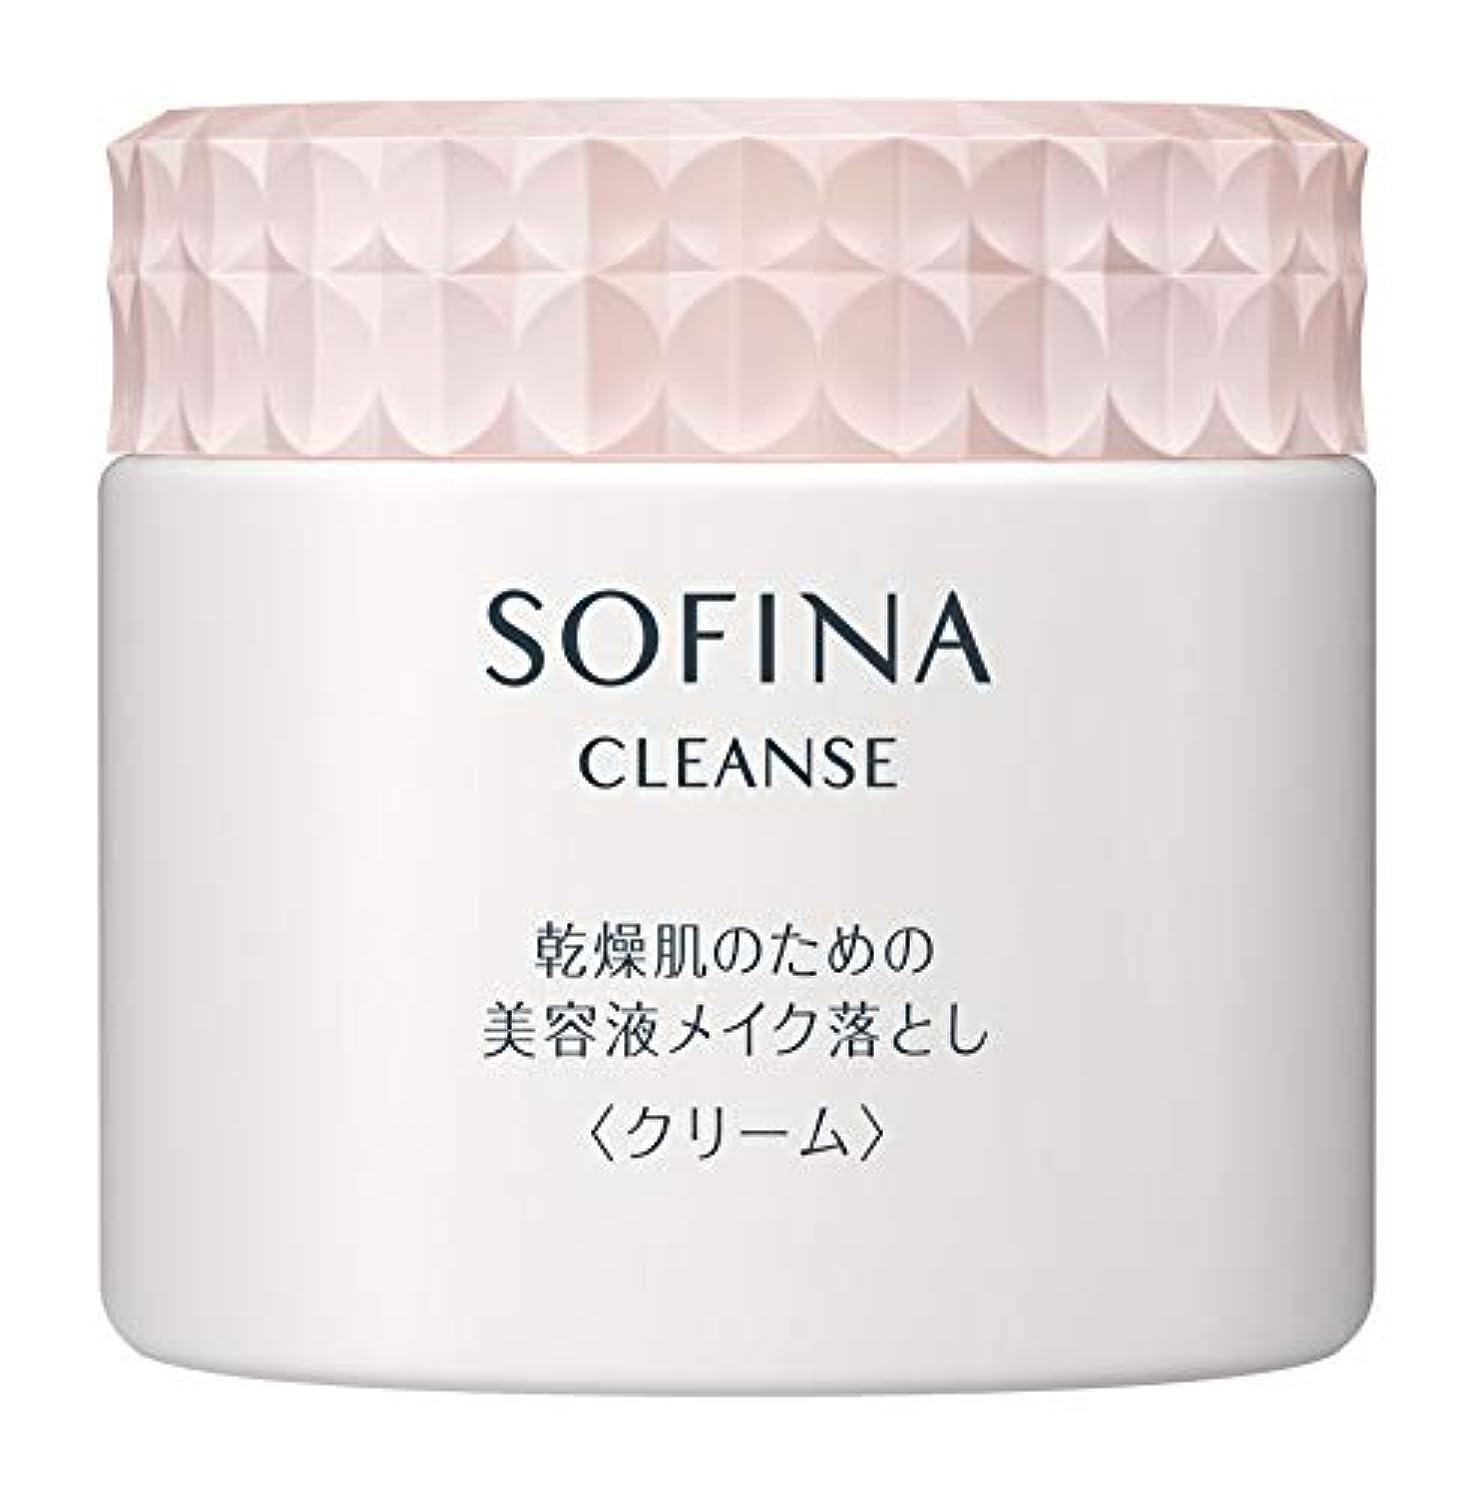 十分な利得ひどくソフィーナ 乾燥肌のための美容液メイク落とし クリーム 200g